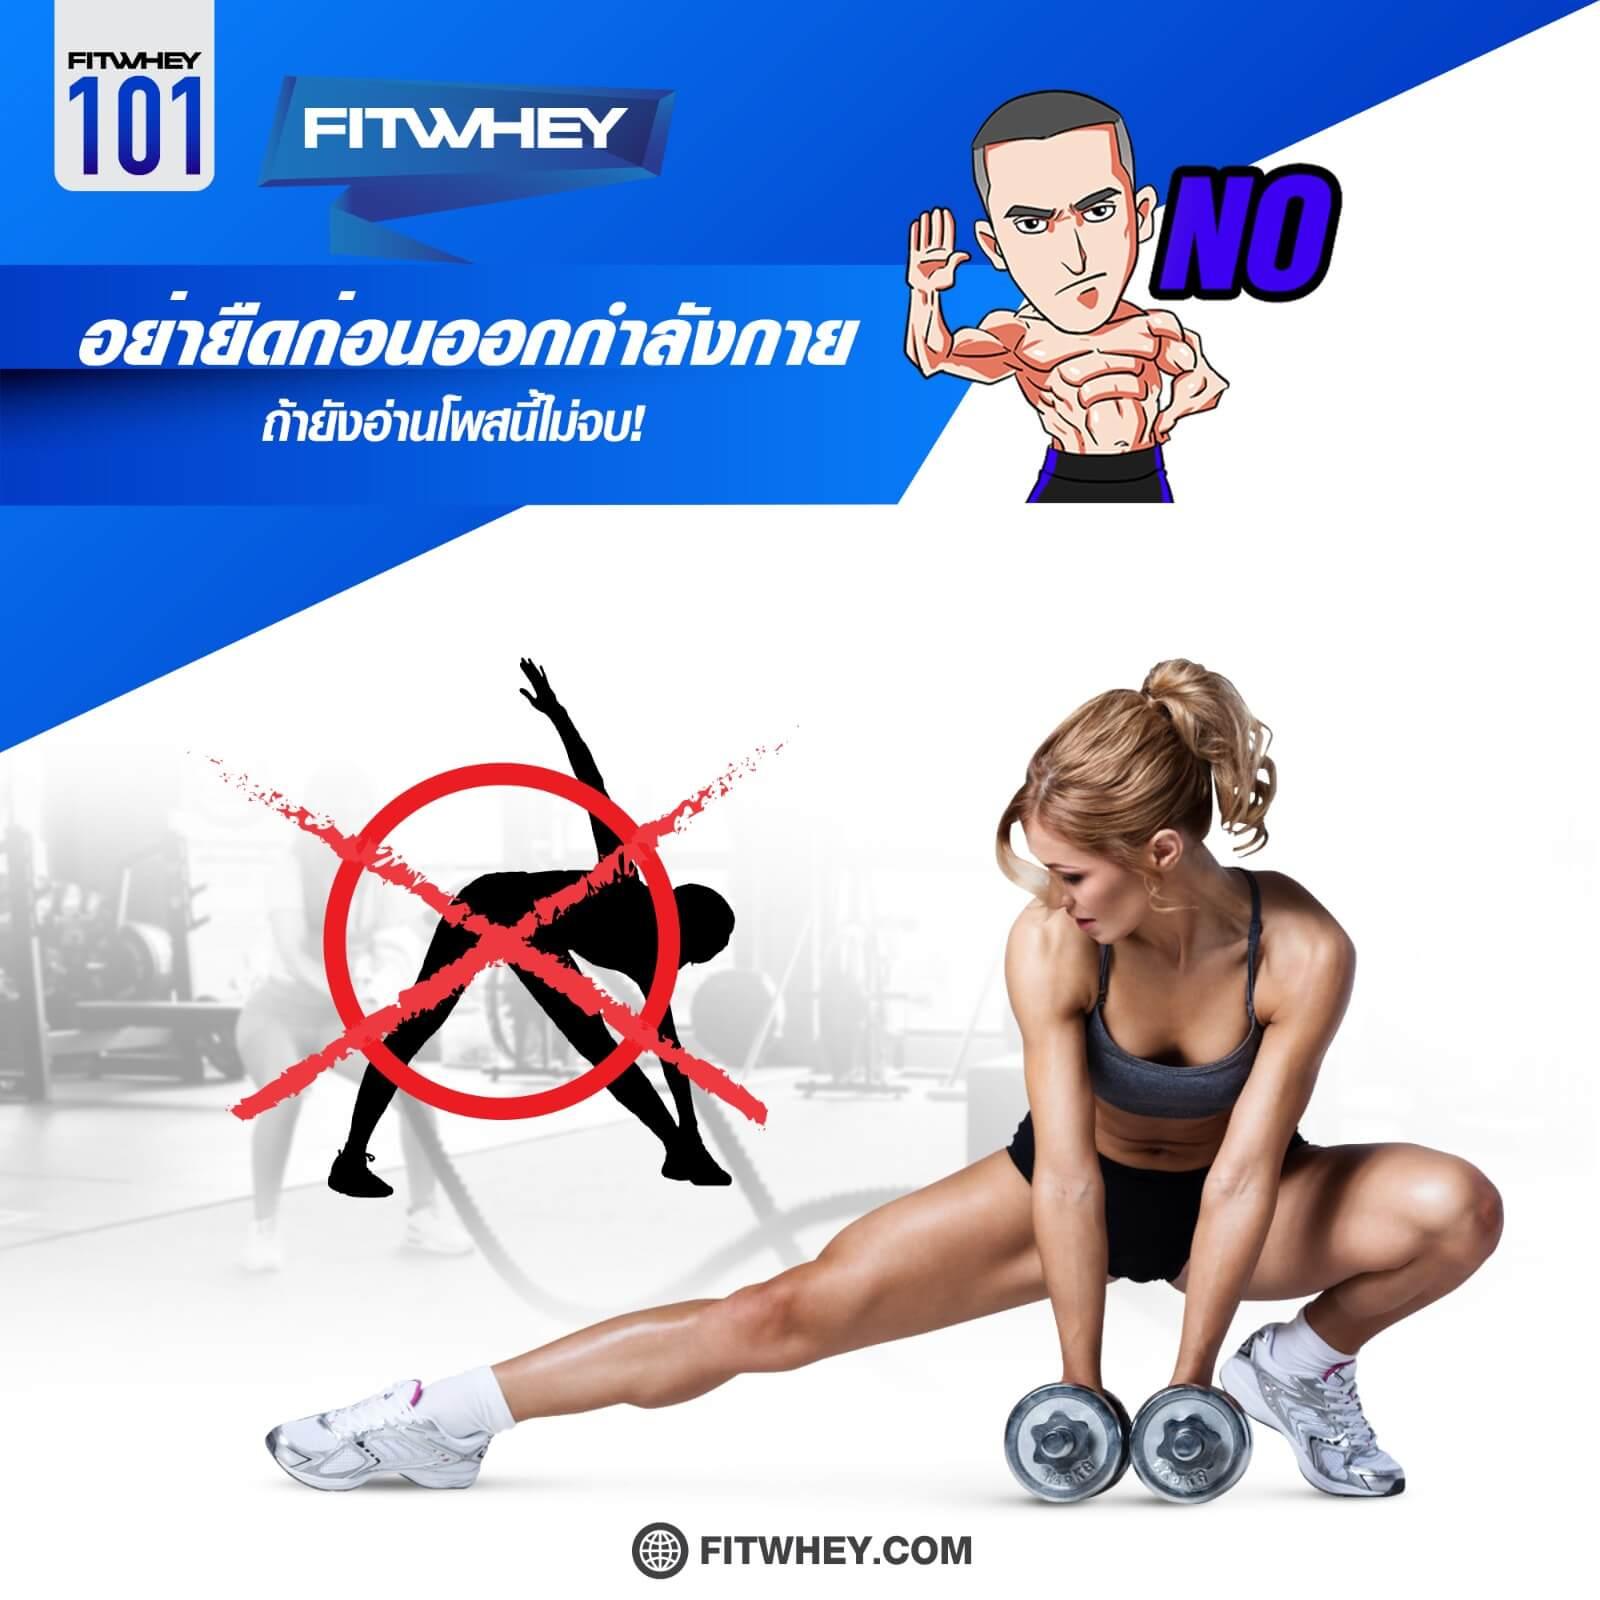 ทำไม่ถึงไม่ควรยืดก่อนออกกำลังกาย??